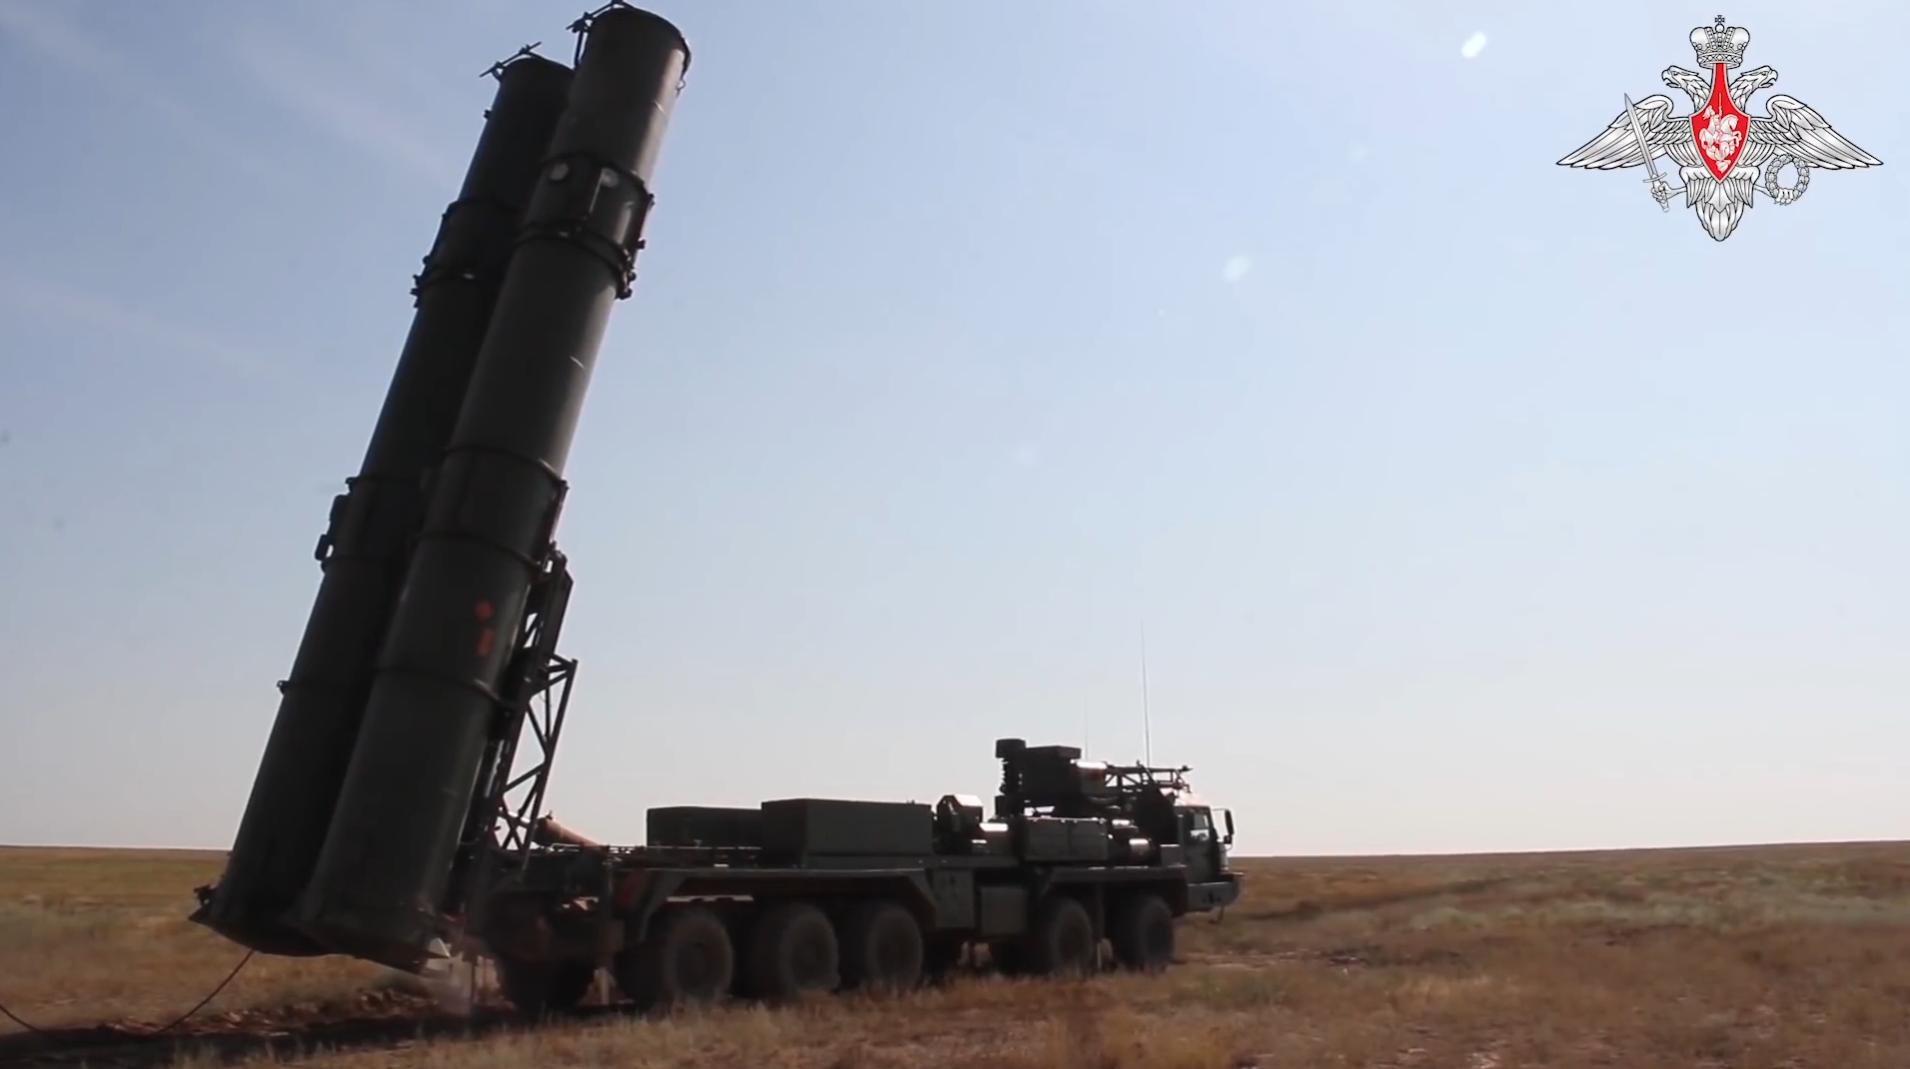 俄媒:首批S-500防空系统已交付俄军 保卫首都莫斯科